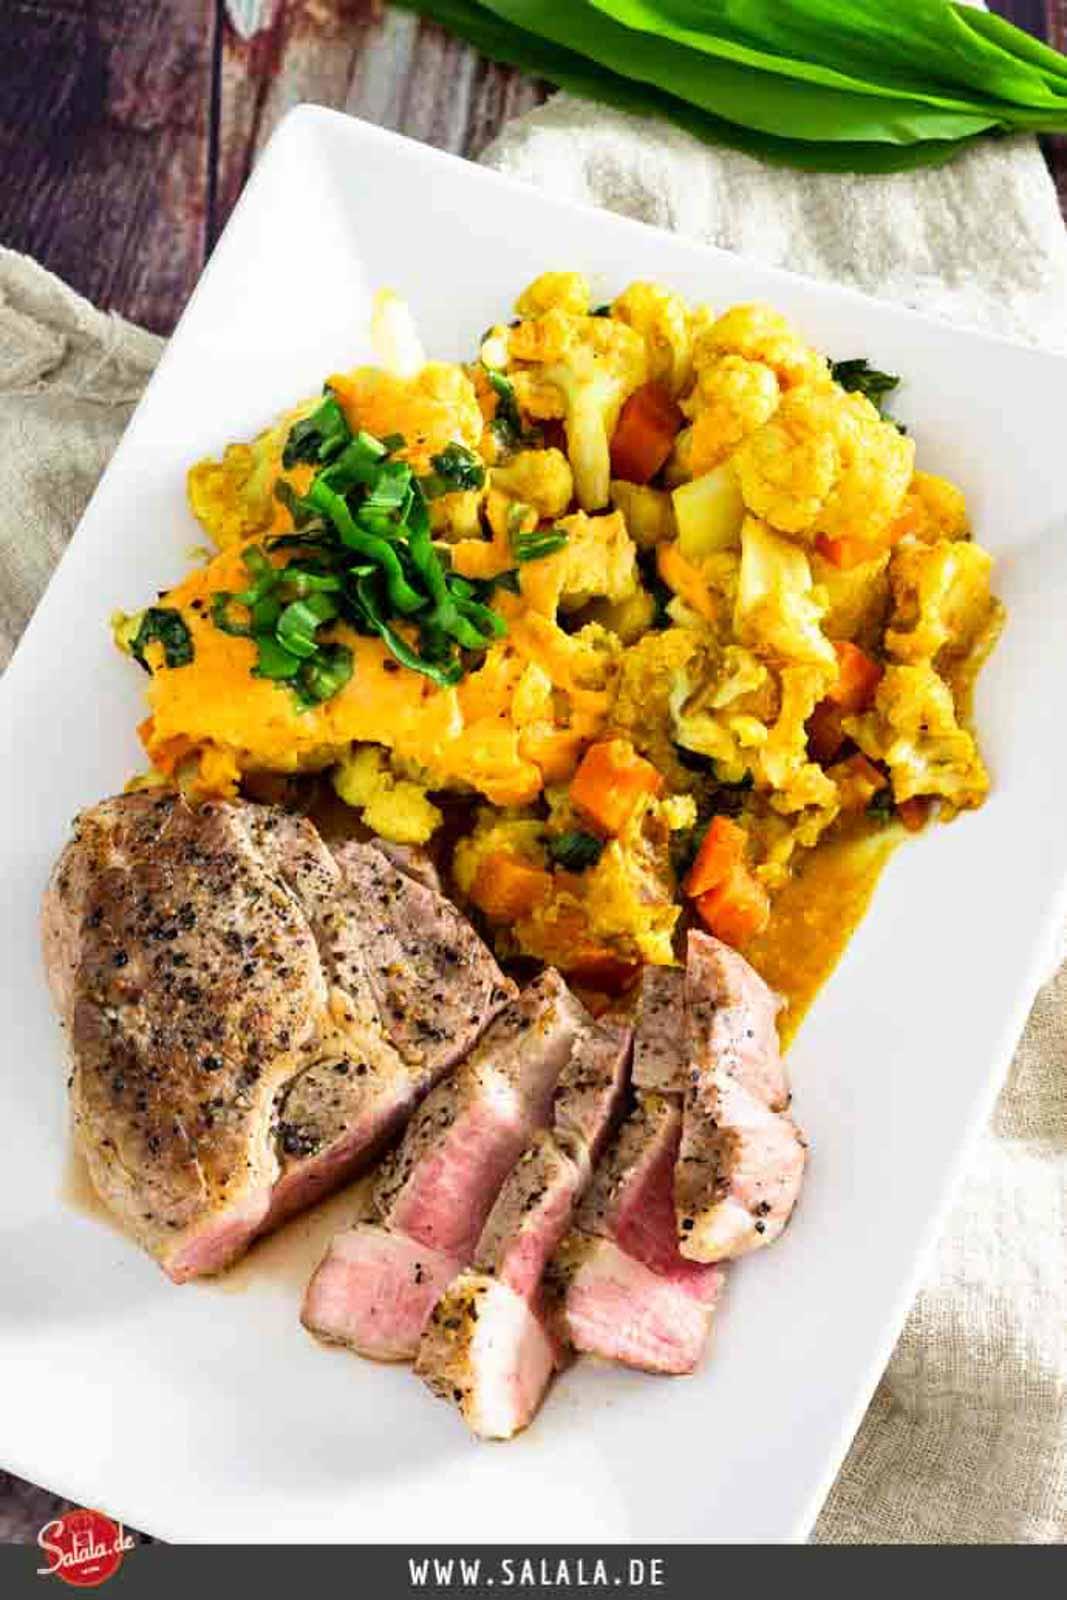 Cheddar-Blumenkohl mit Nackensteak in der Krups Cook4Me+ Connect I salala.de I Low Carb Rezept mit Schweinefleisch